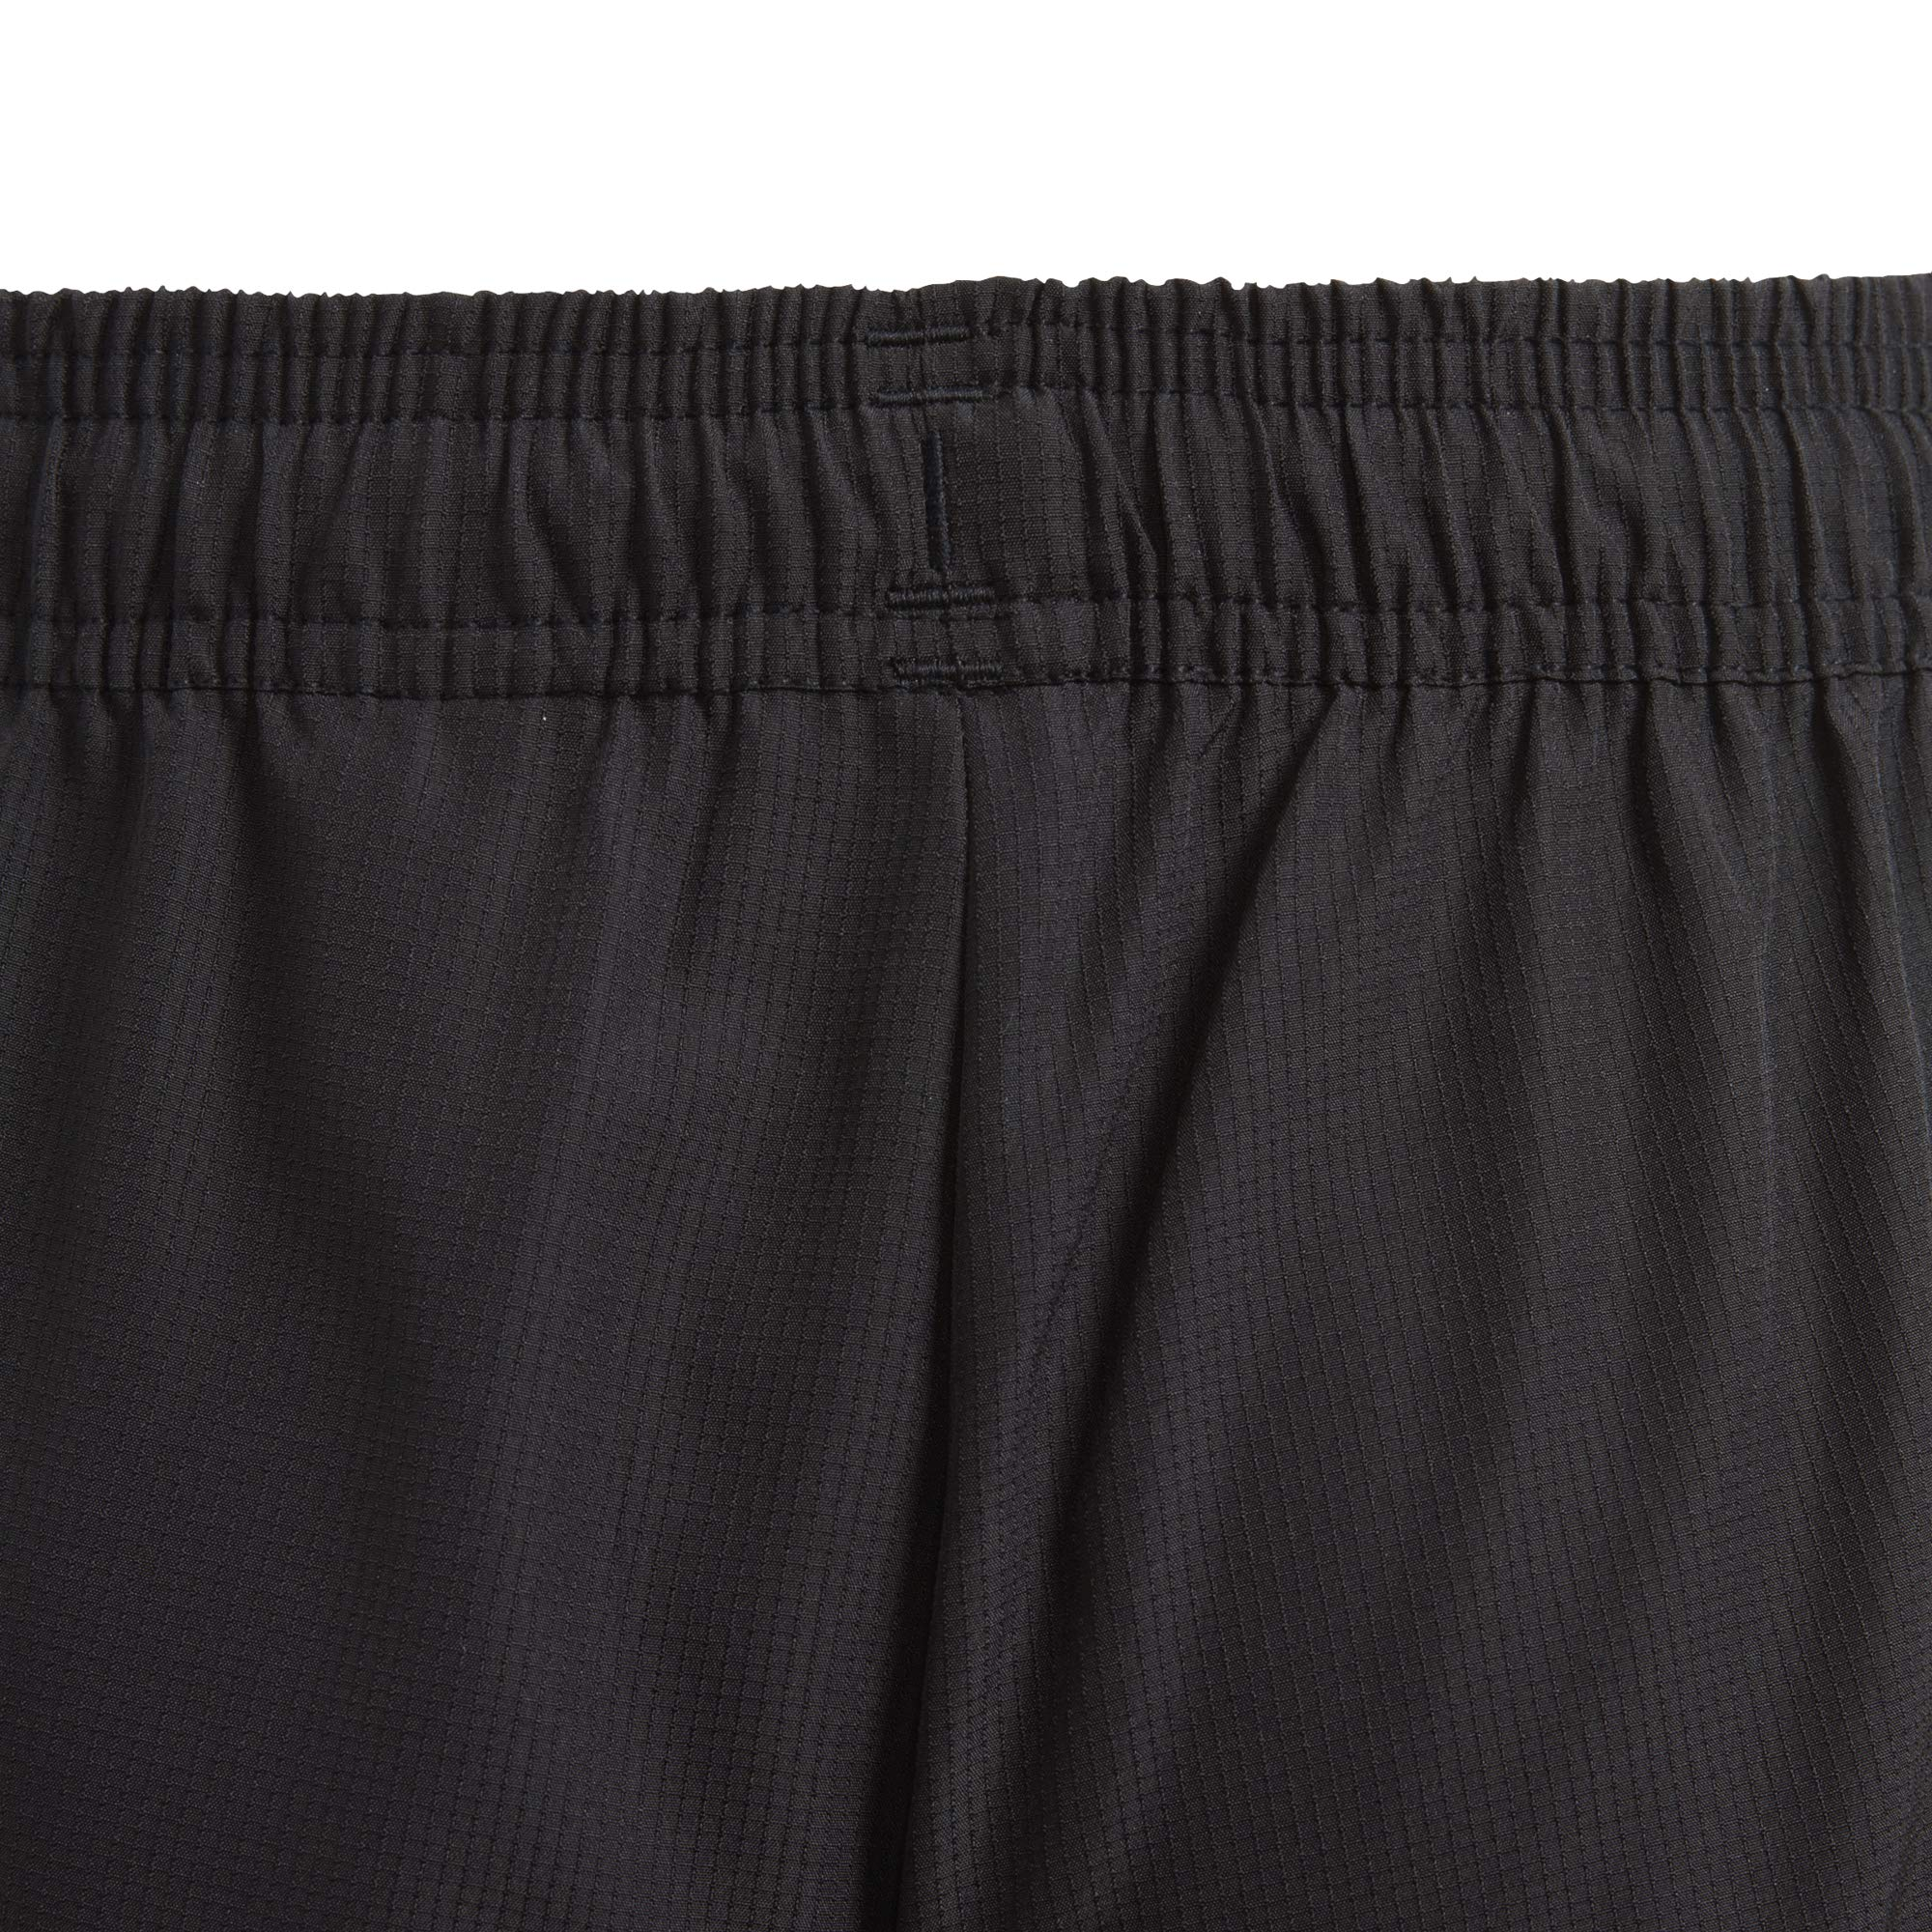 pantaloni adidas uomo 2017 bambino